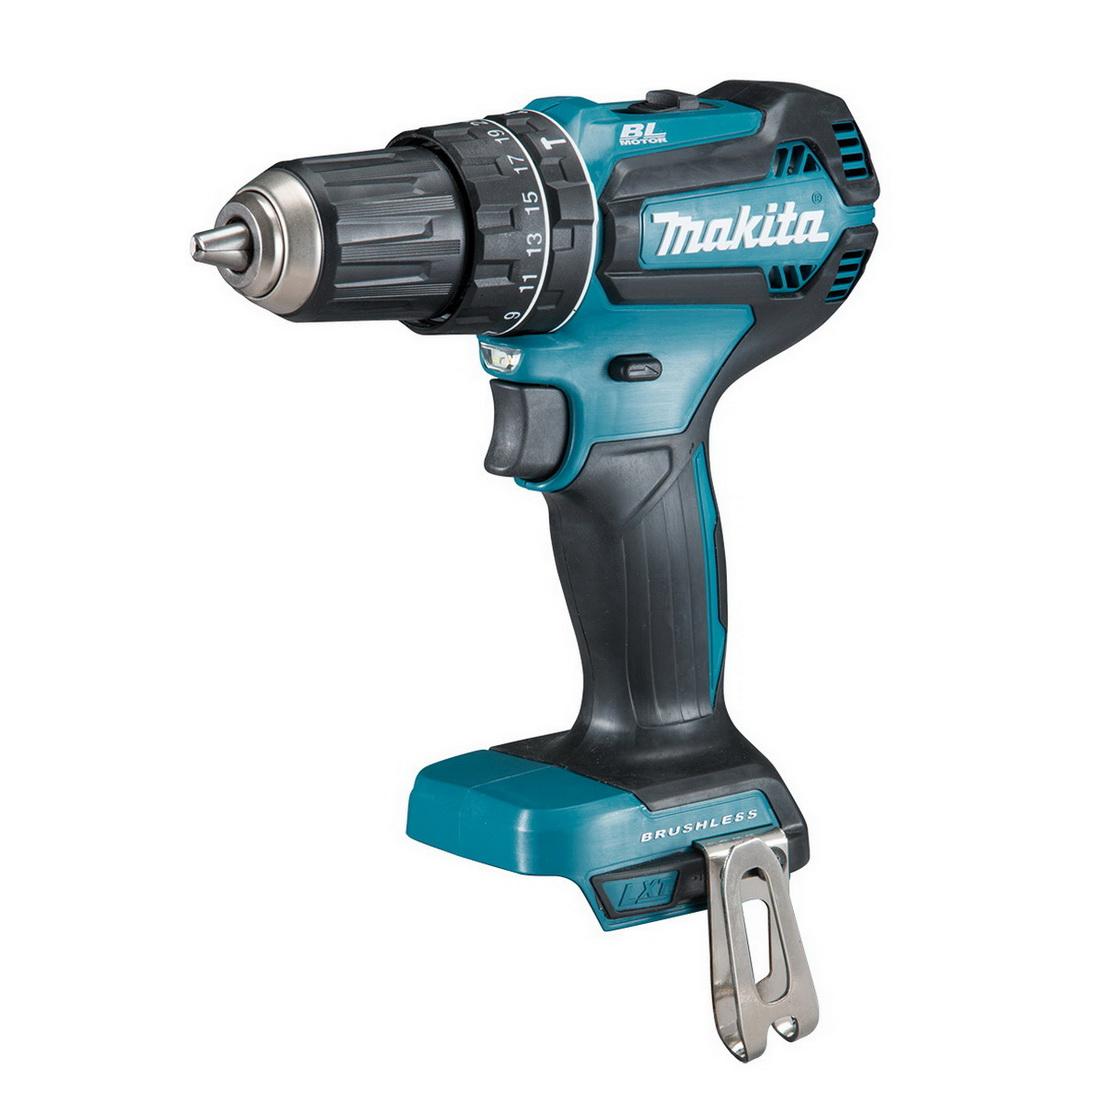 18V Brushless Hammer Drill Driver Skin